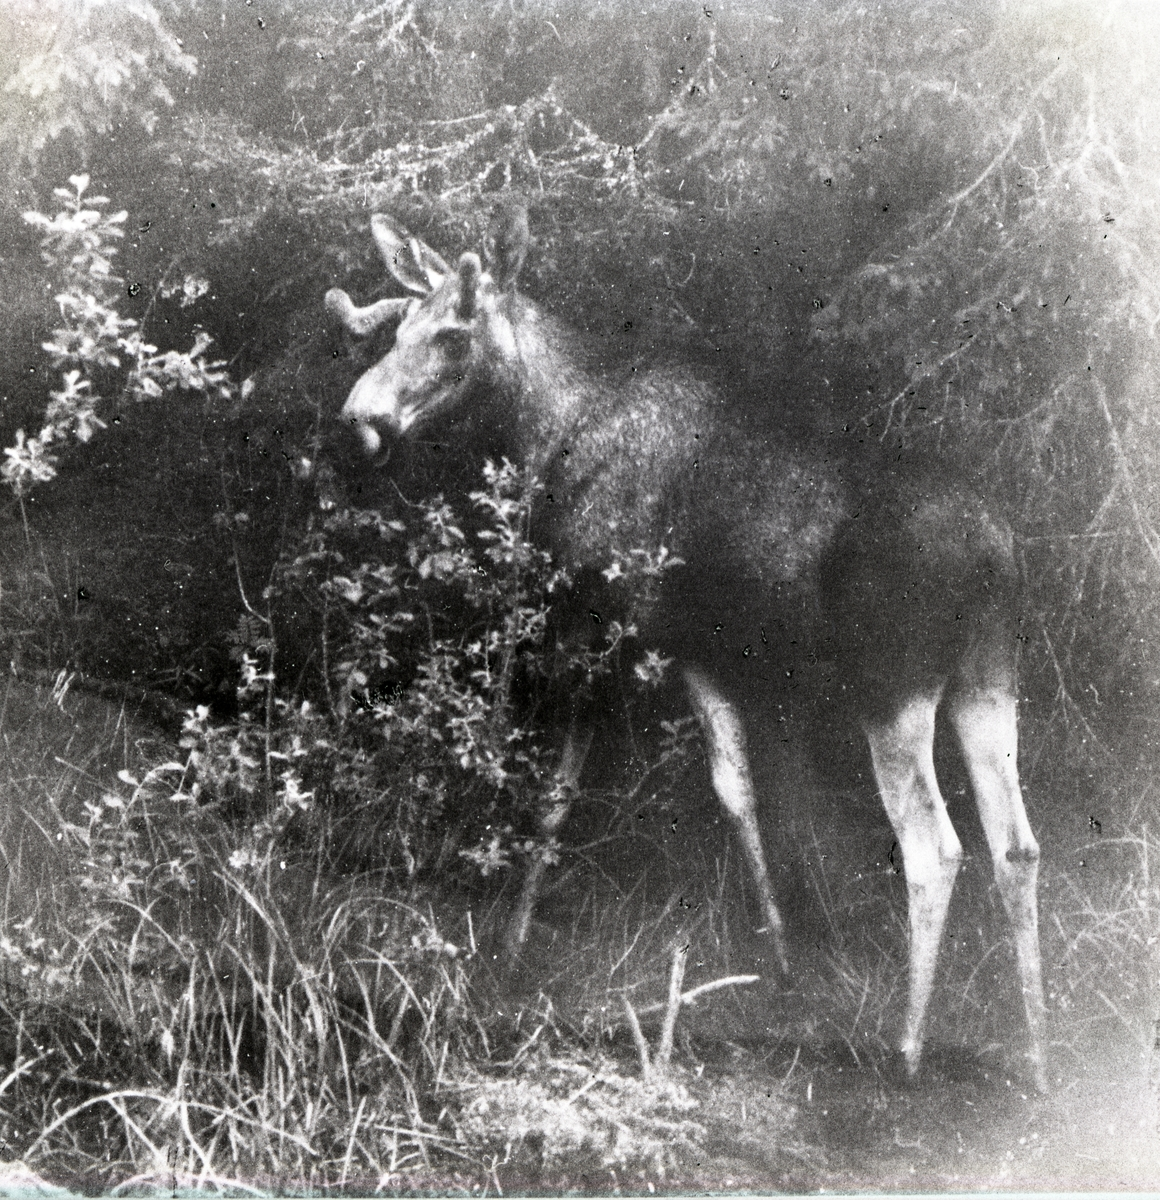 En älg i skogsbryn, Värmland 1961.